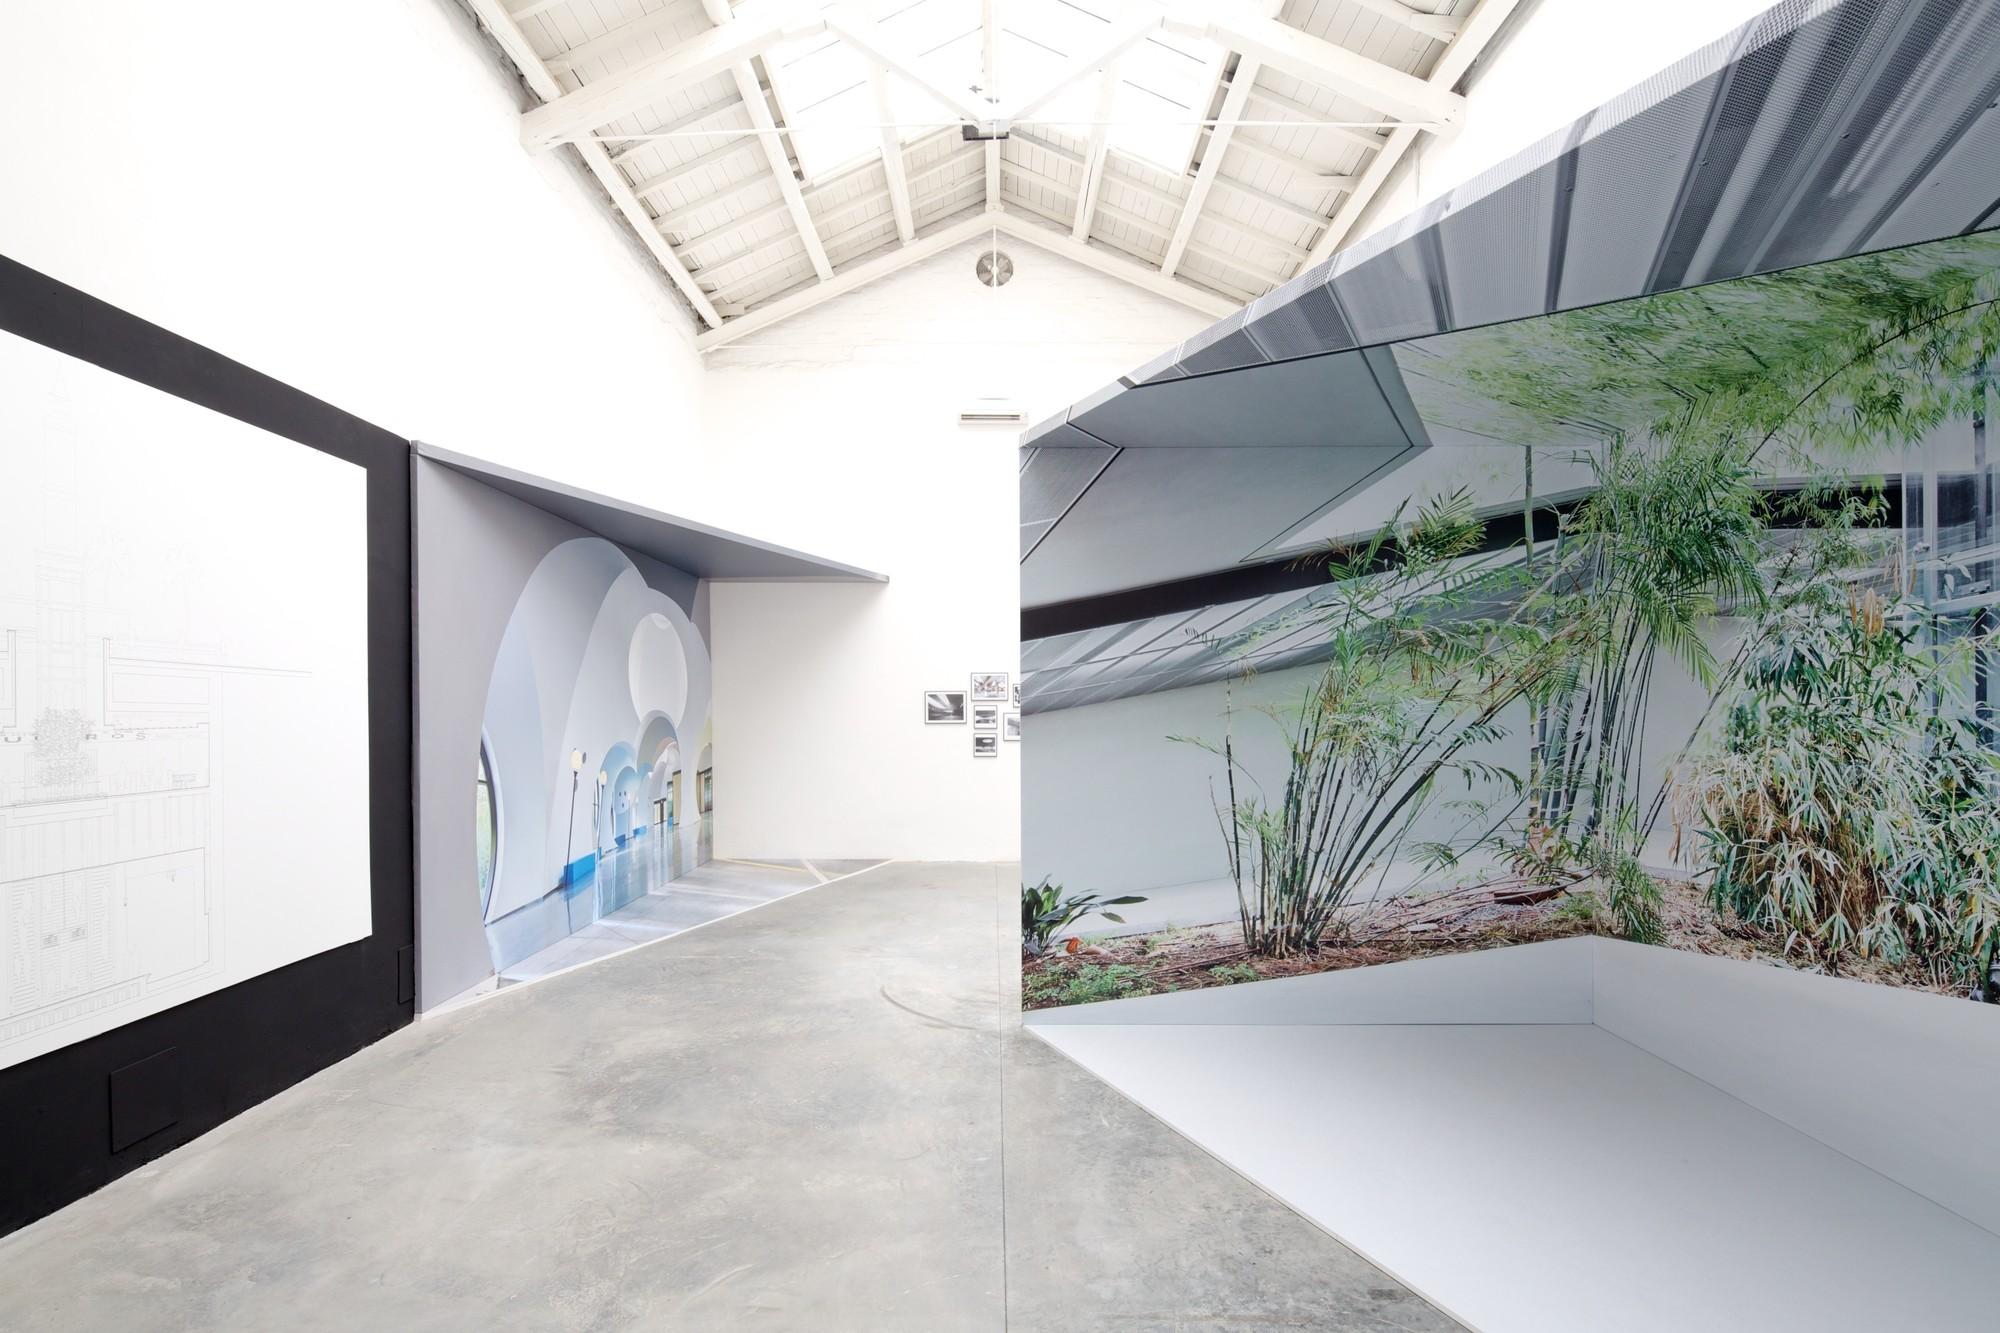 INTERIOR / Pabellón de España en la Bienal de Venecia 2014, © Nico Saieh